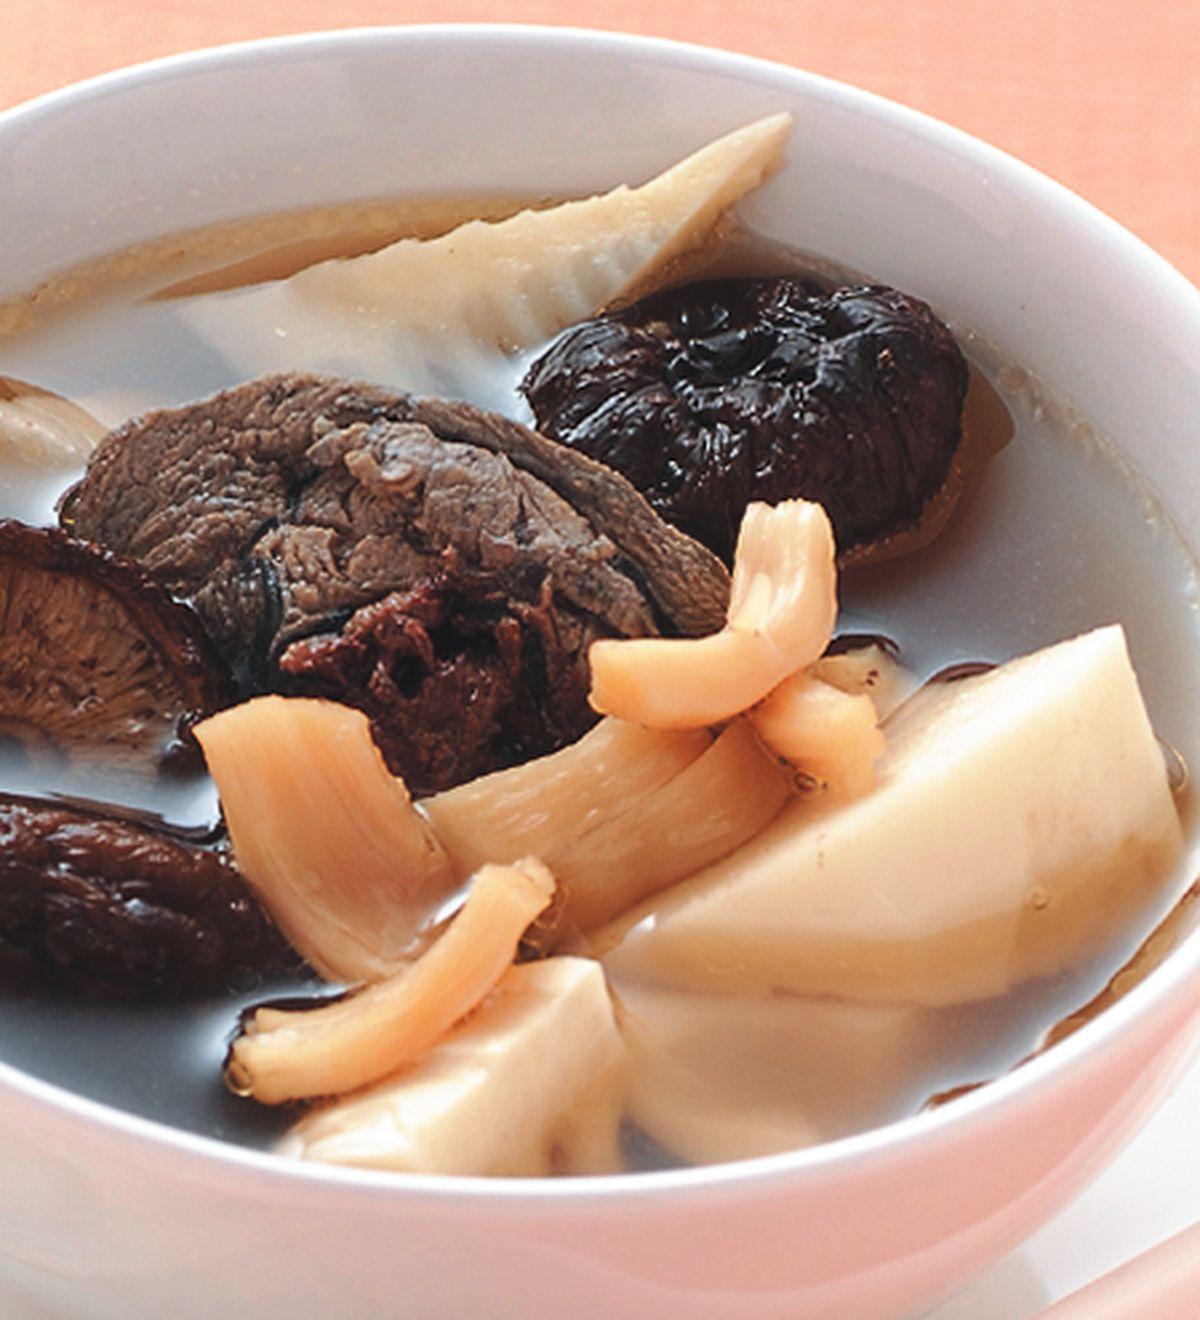 食譜:干貝鮮筍雞湯